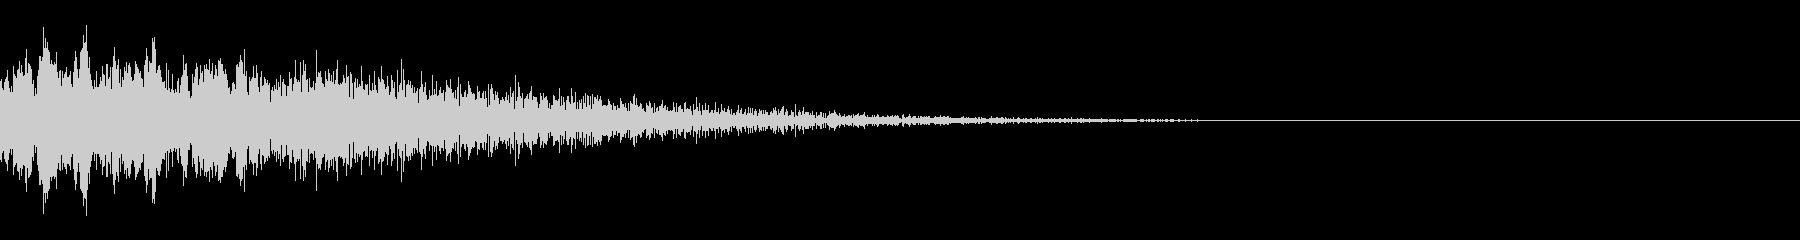 ピユーン(エフェクト_パワーダウン)の未再生の波形